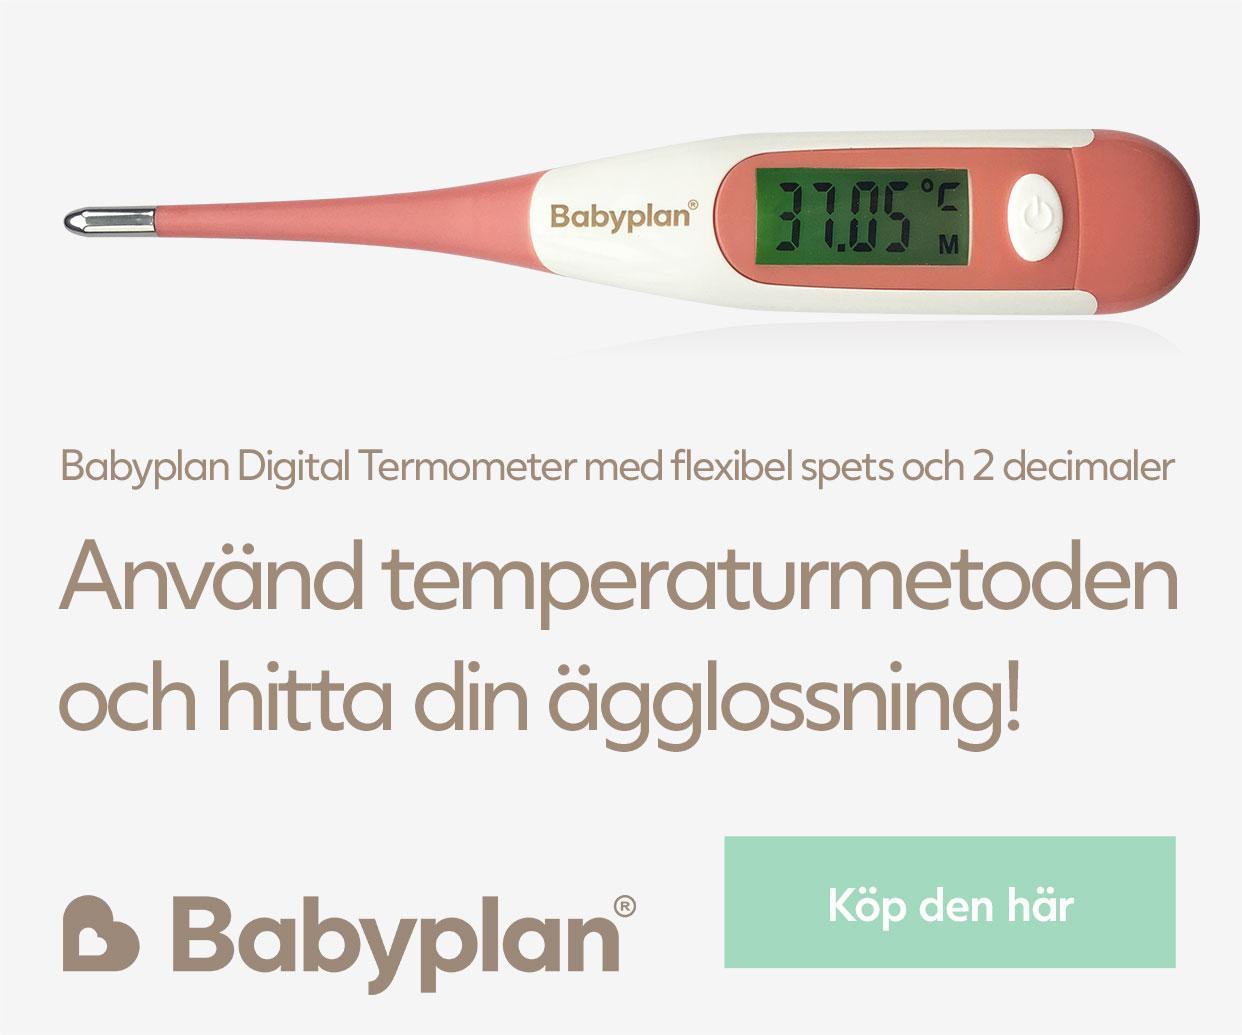 Köp Babyplan Digital Thermometer med flexibel spets här